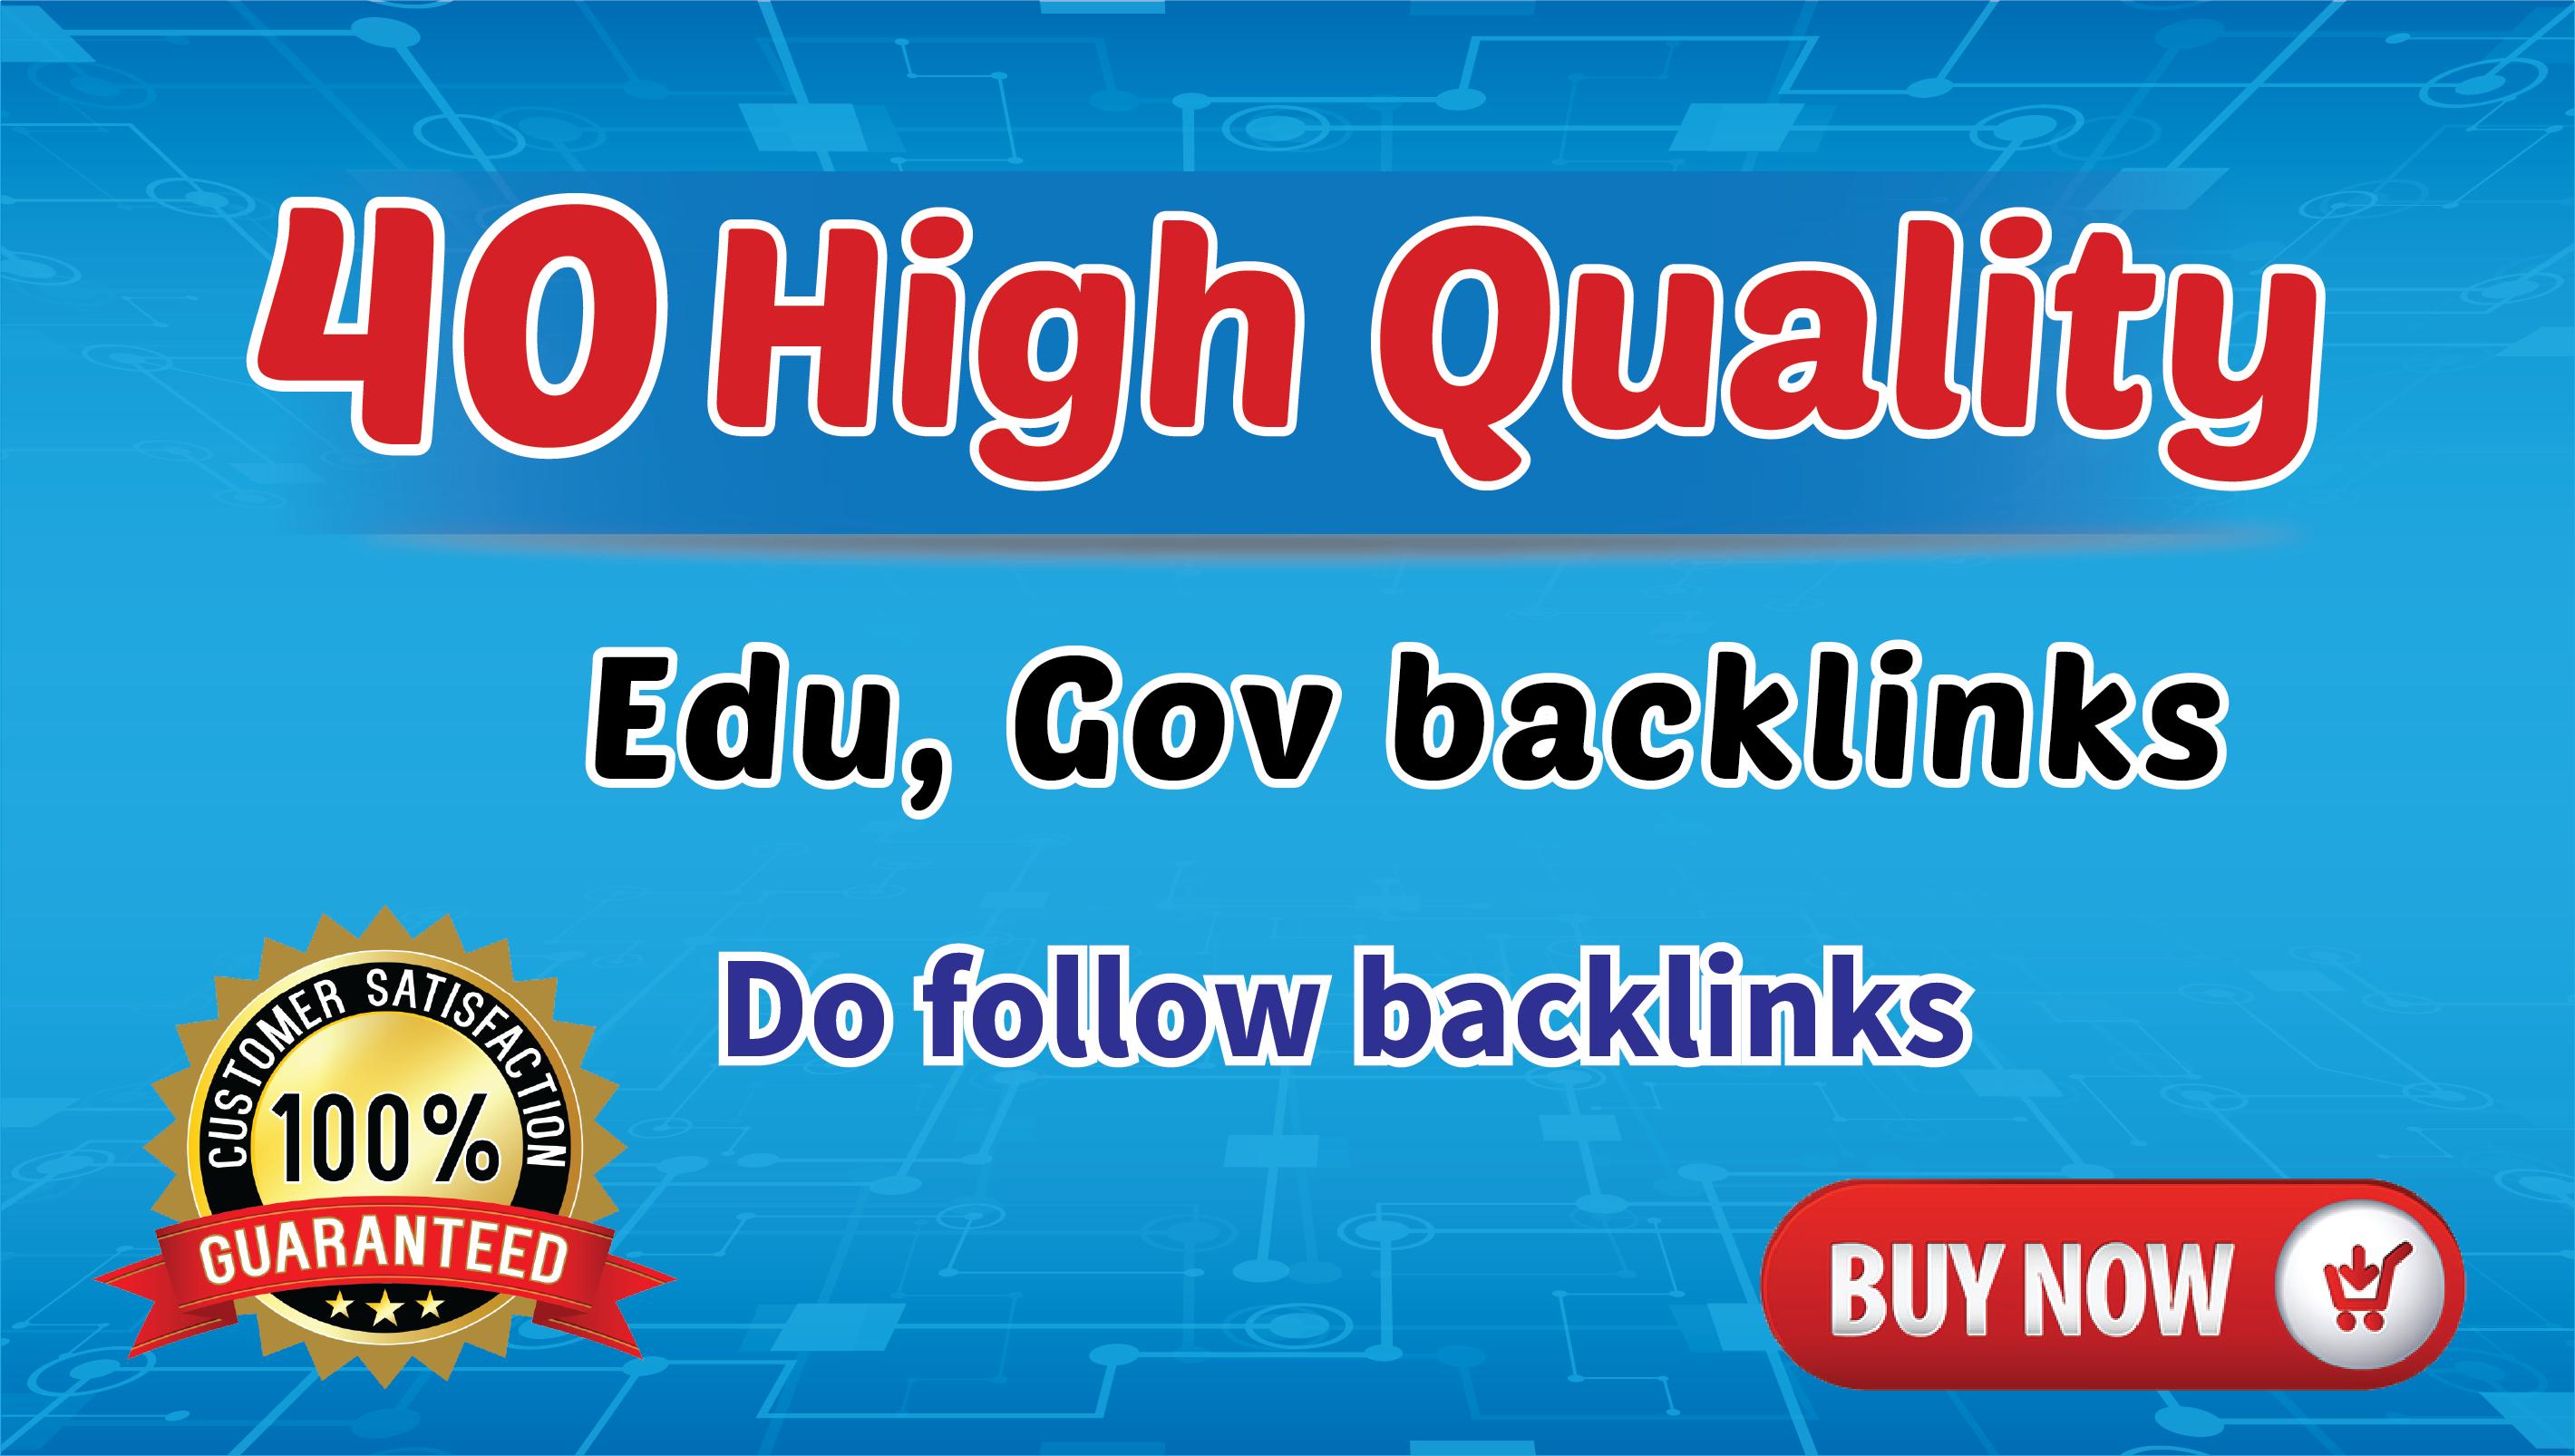 EDU GOV HIgh Quality 40 DO FOLLOW Blog Comments